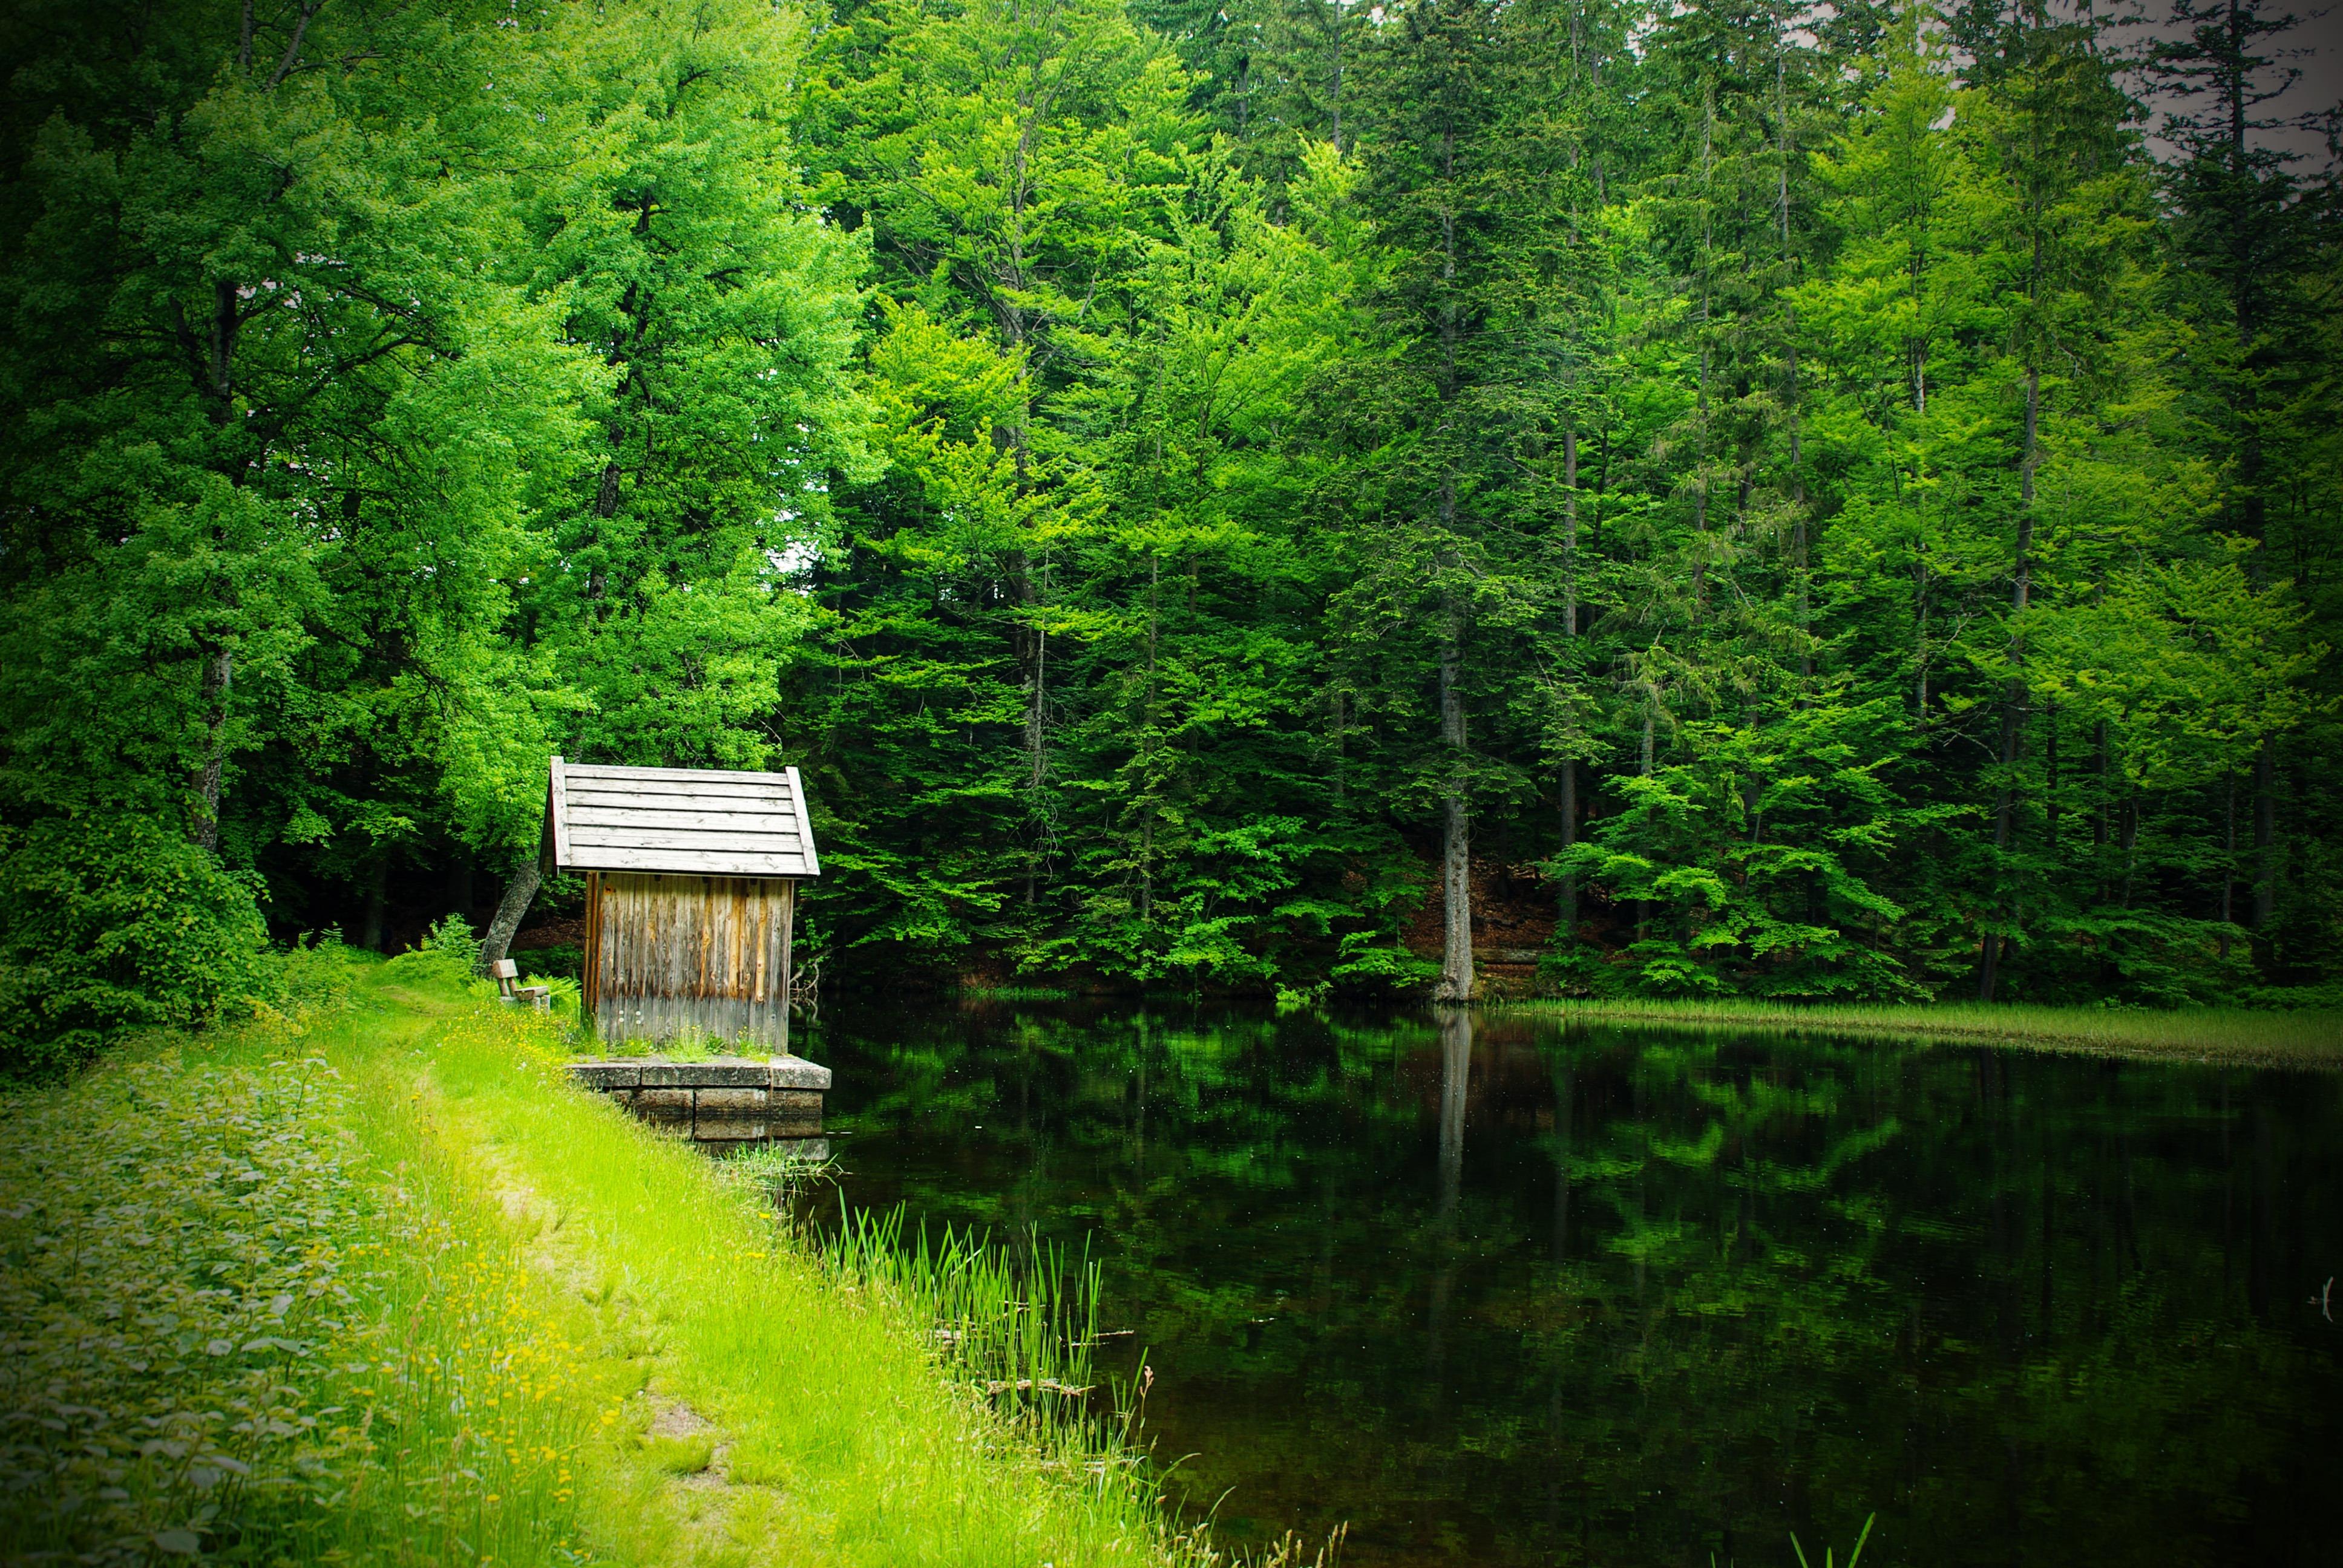 тётя, картинка озера с поляной сегодняшний день знаменит